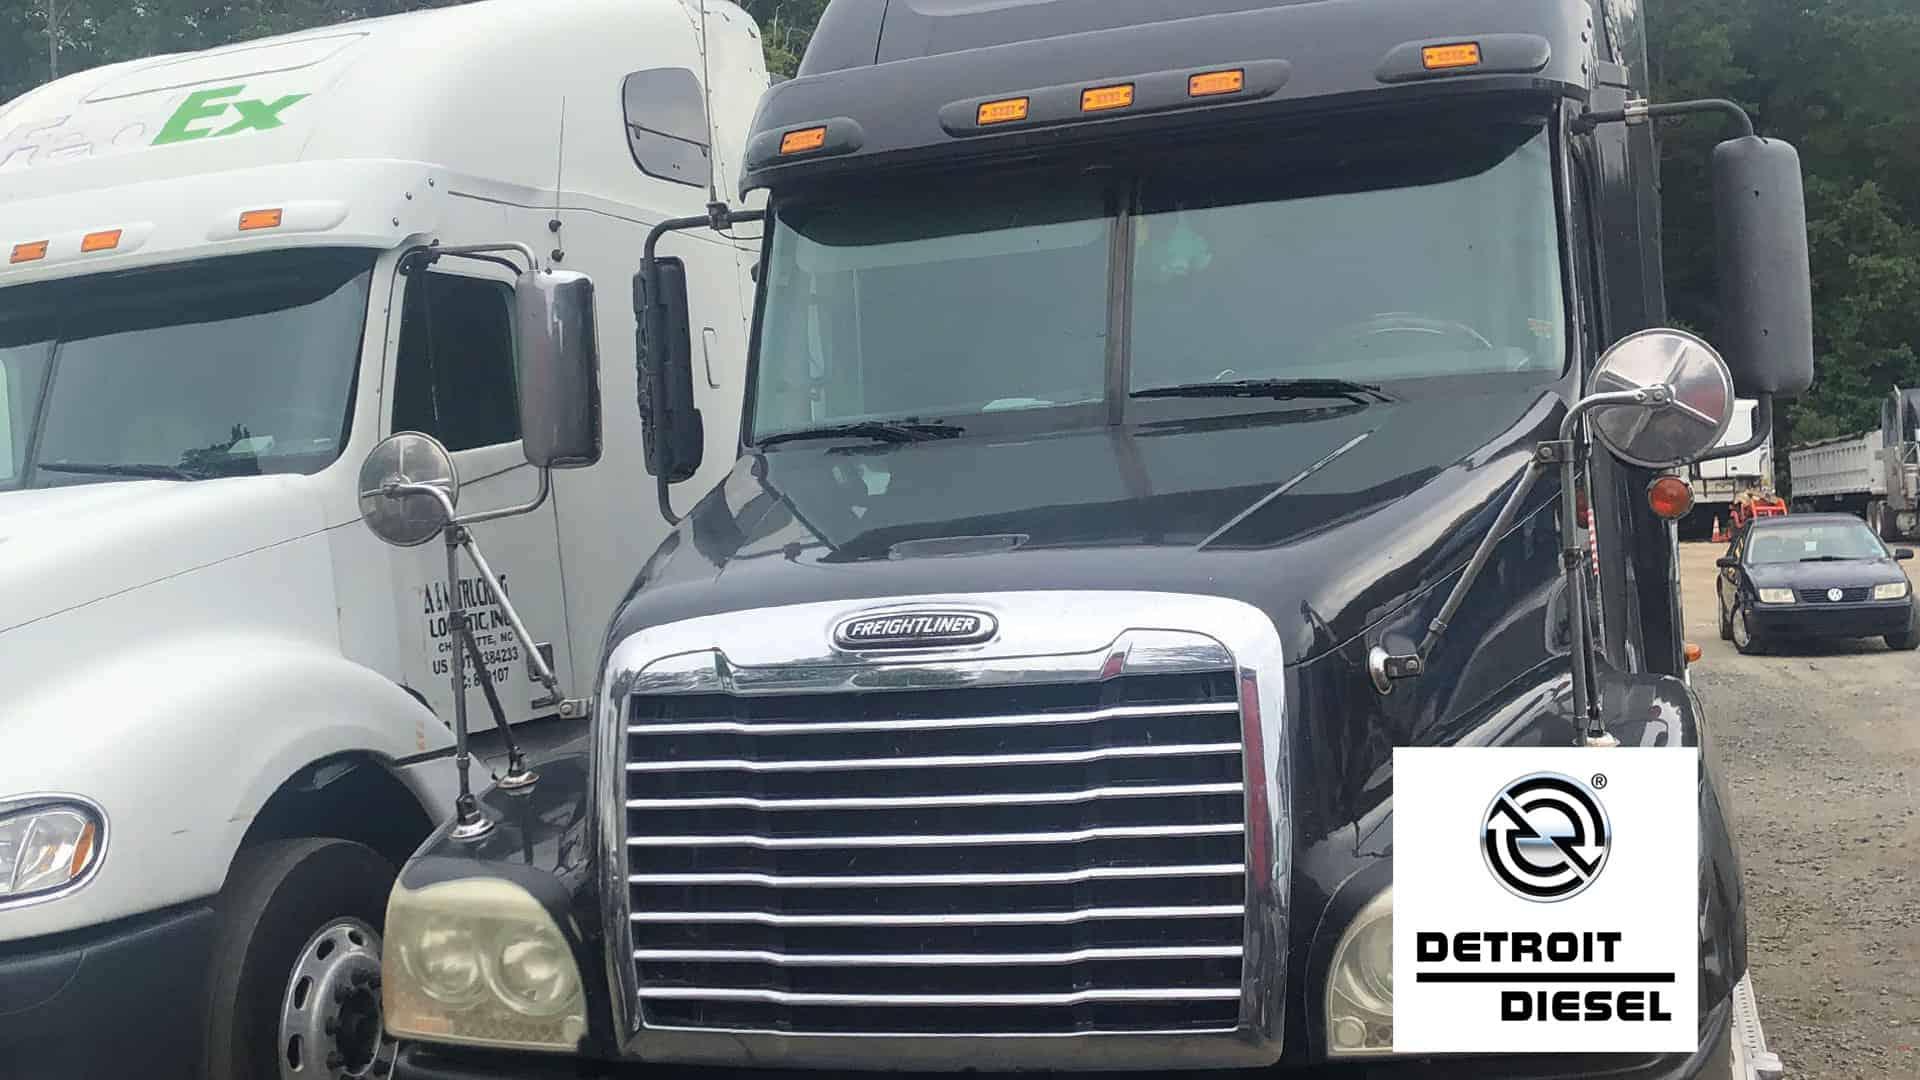 Detroit Diesel Engine Overhaul Financing Testimonial Customer 7